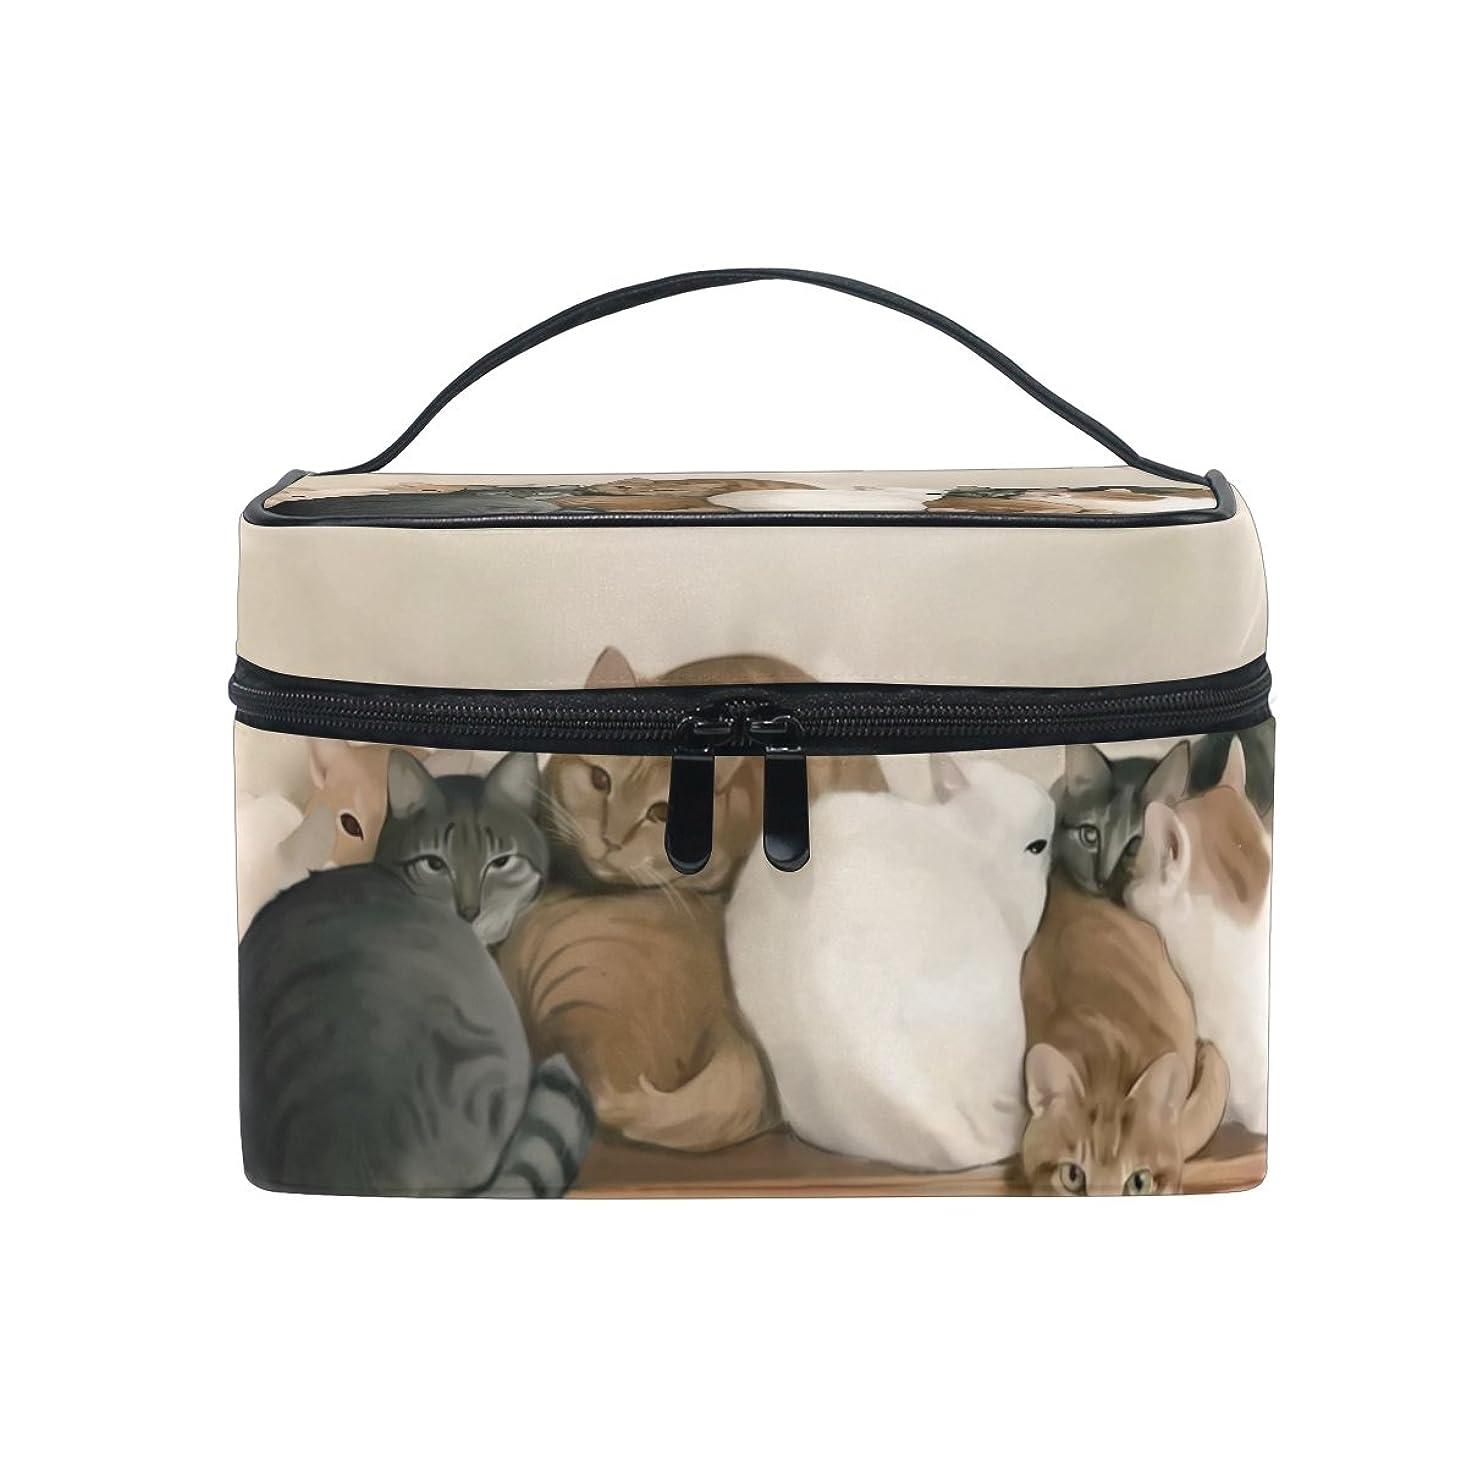 Natax 化粧ポーチ 大容量 かわいい おしゃれ 機能的 バニティポーチ 収納ケース ポーチ メイクポーチ ボックス 小物入れ 仕切り 旅行 出張 持ち運び便利 コンパクトかわいい猫